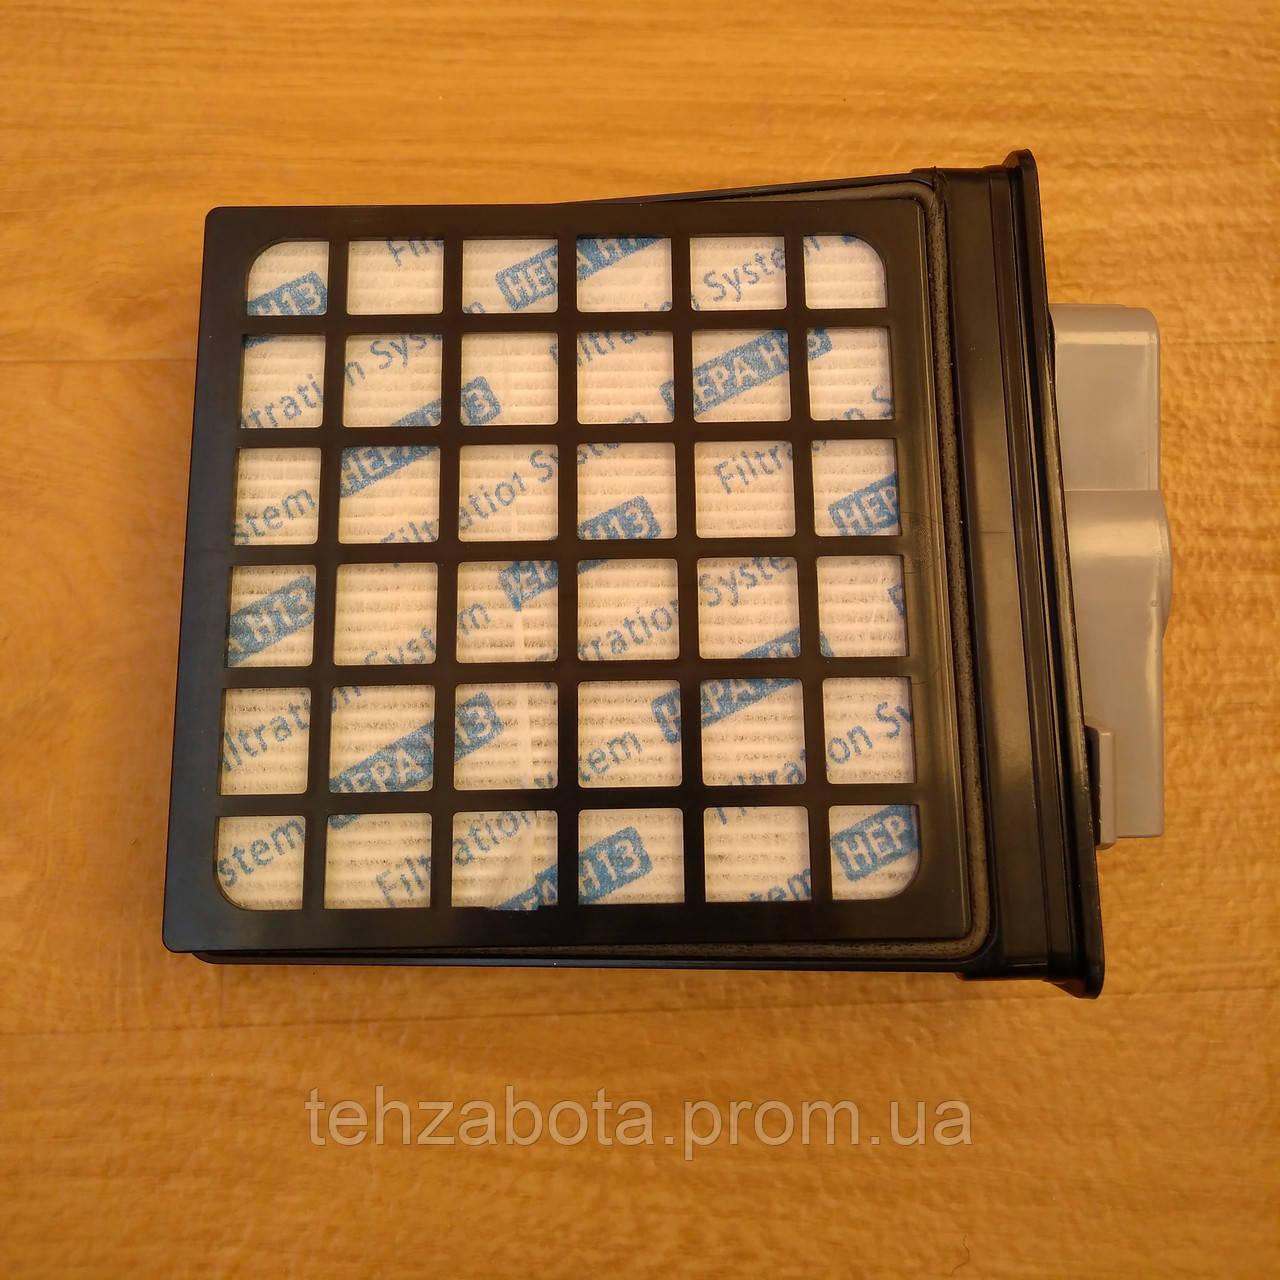 Hepa 12 фильтр для пылесоса dyson максидом пылесос dyson